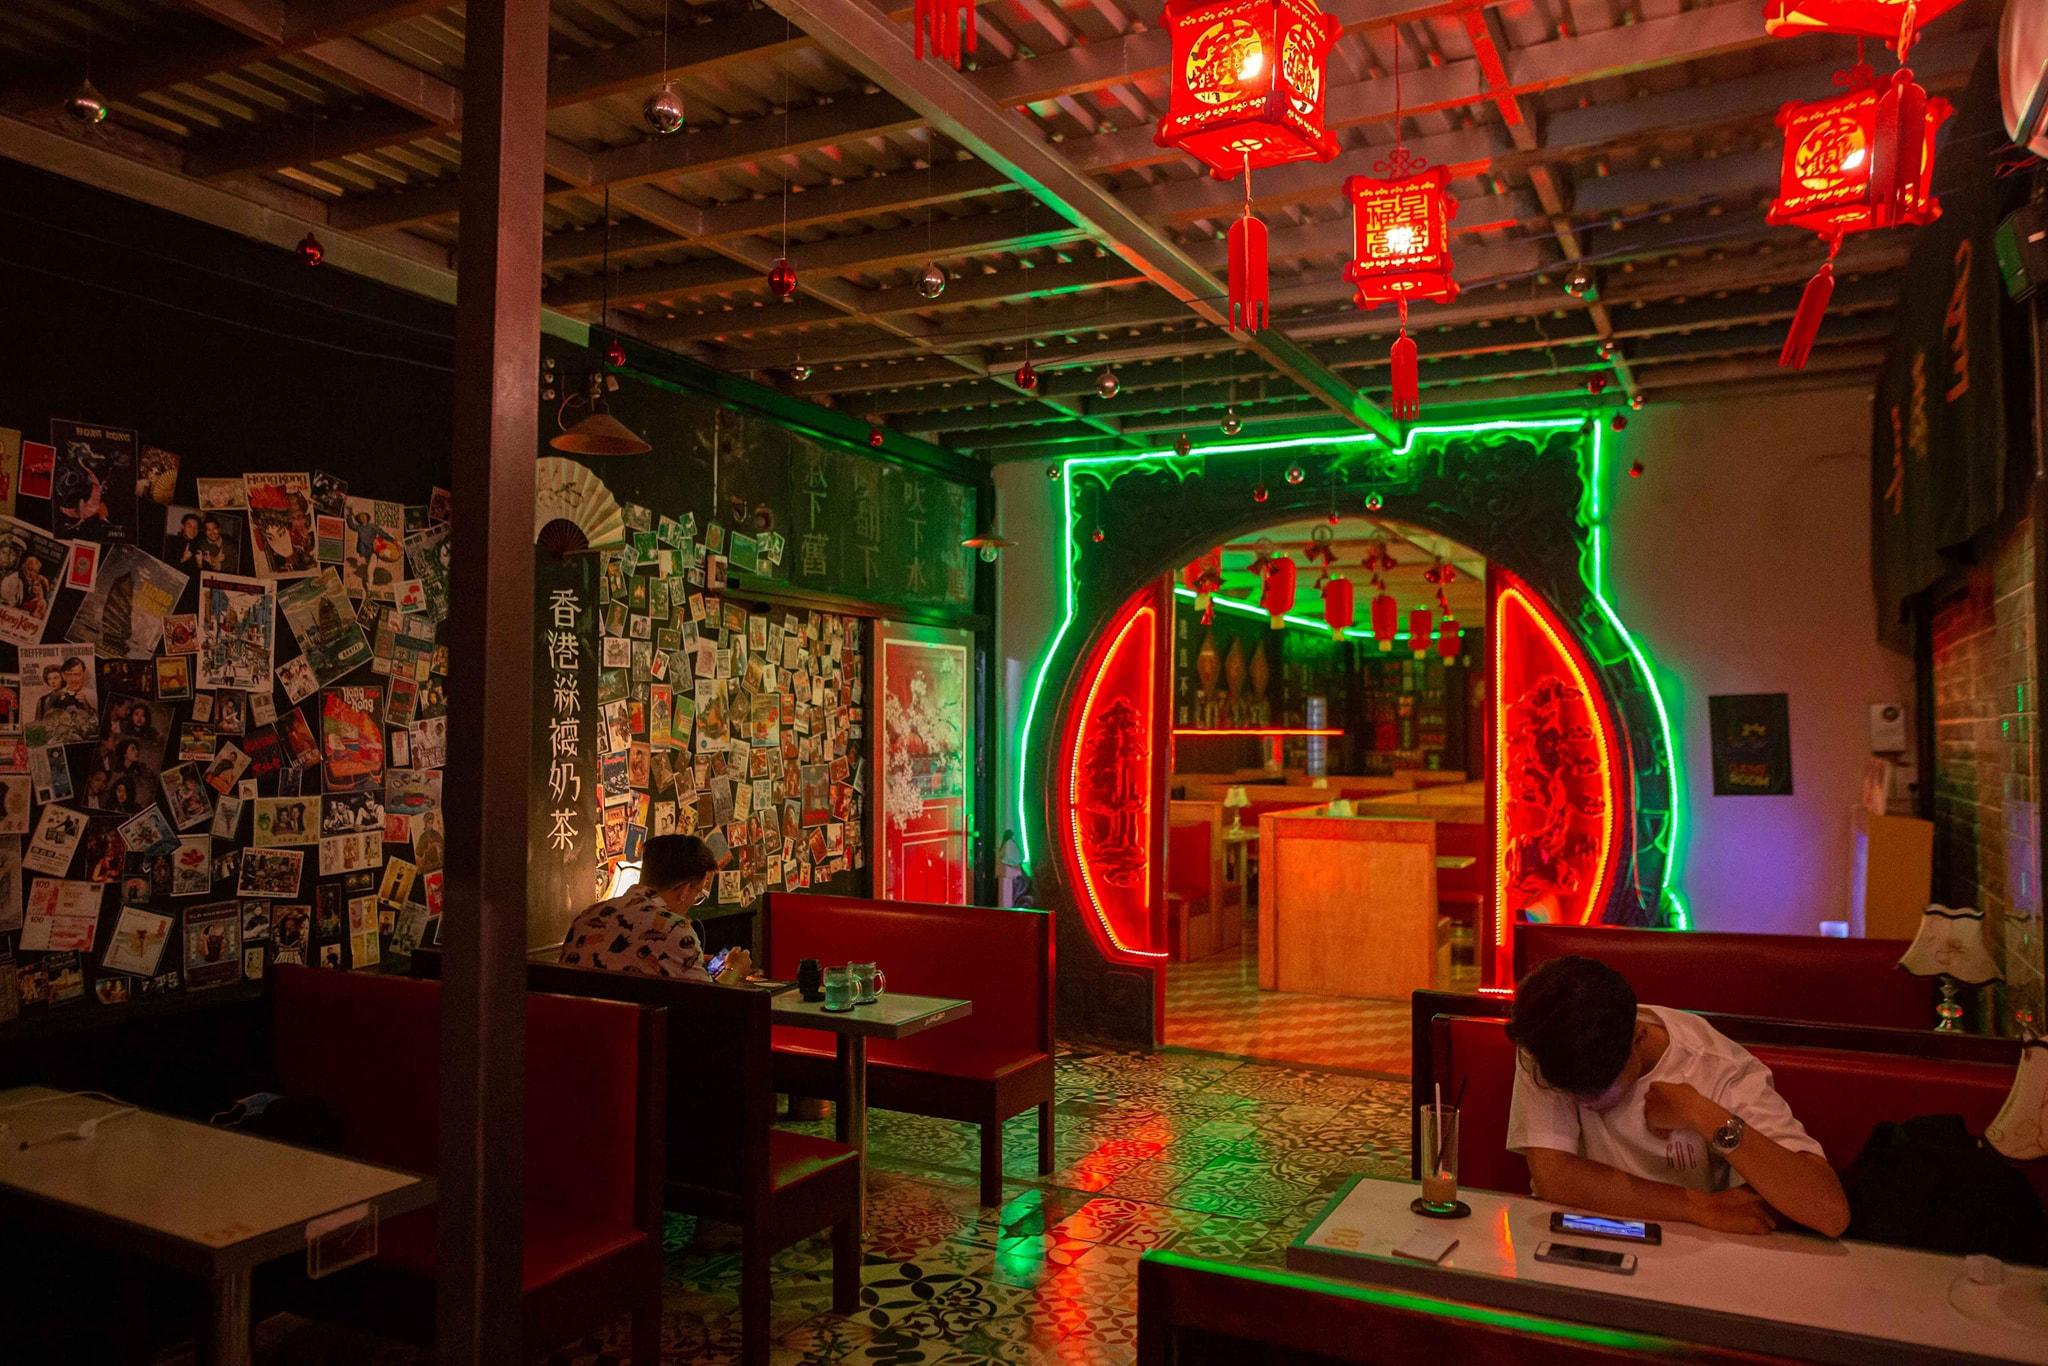 Full Chilling House - quán cafe đẹp quận 7